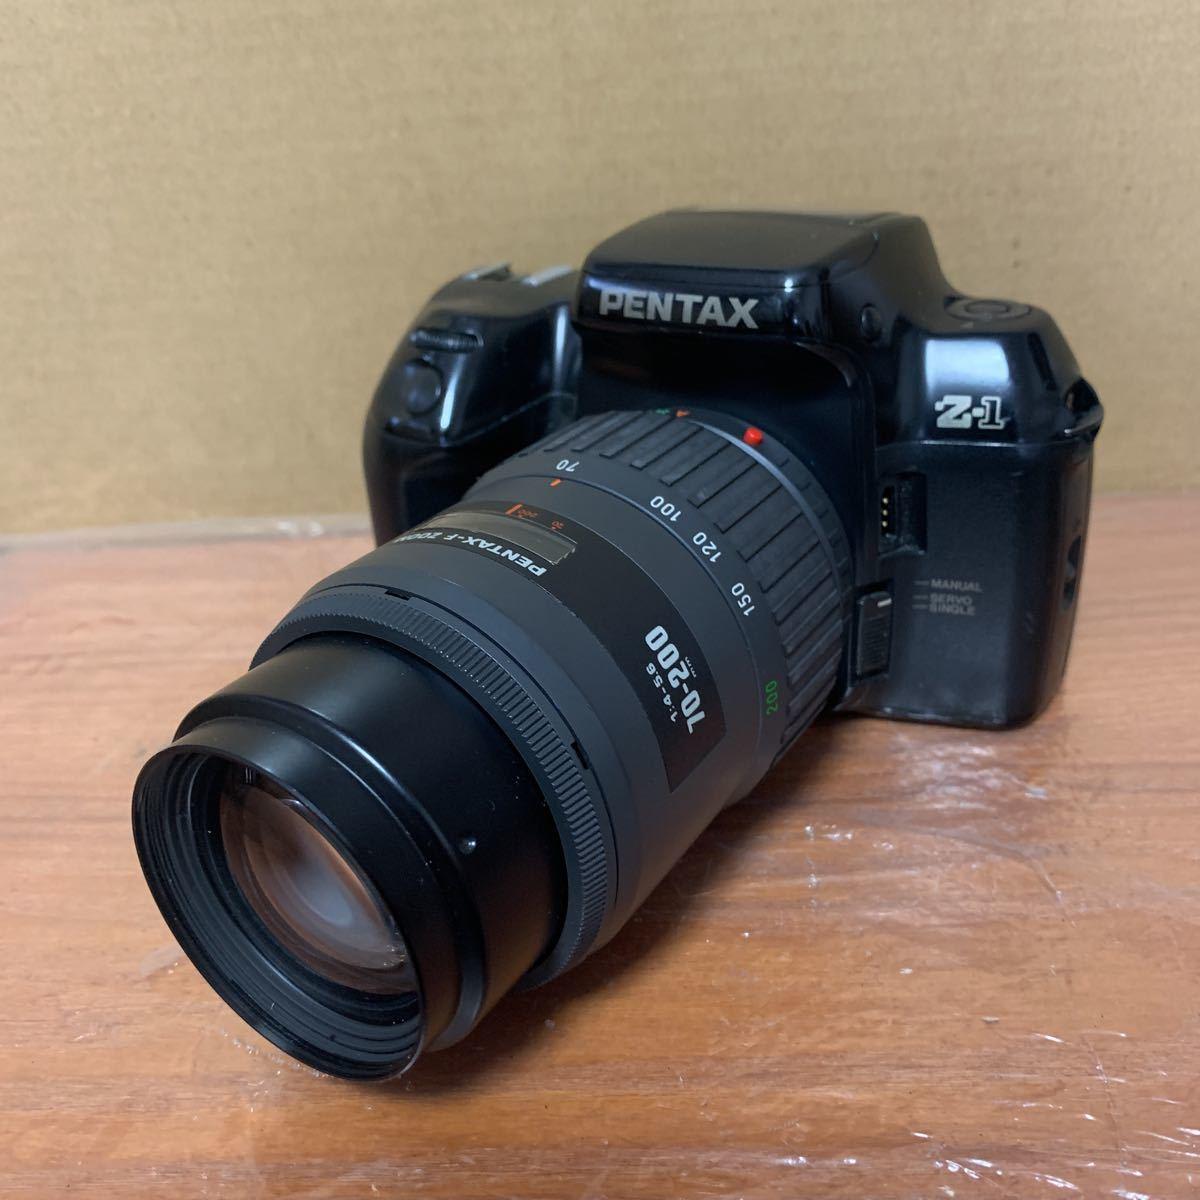 PENTAX Z - 1 ペンタックス 一眼レフカメラ フィルムカメラ 未確認 973_画像1